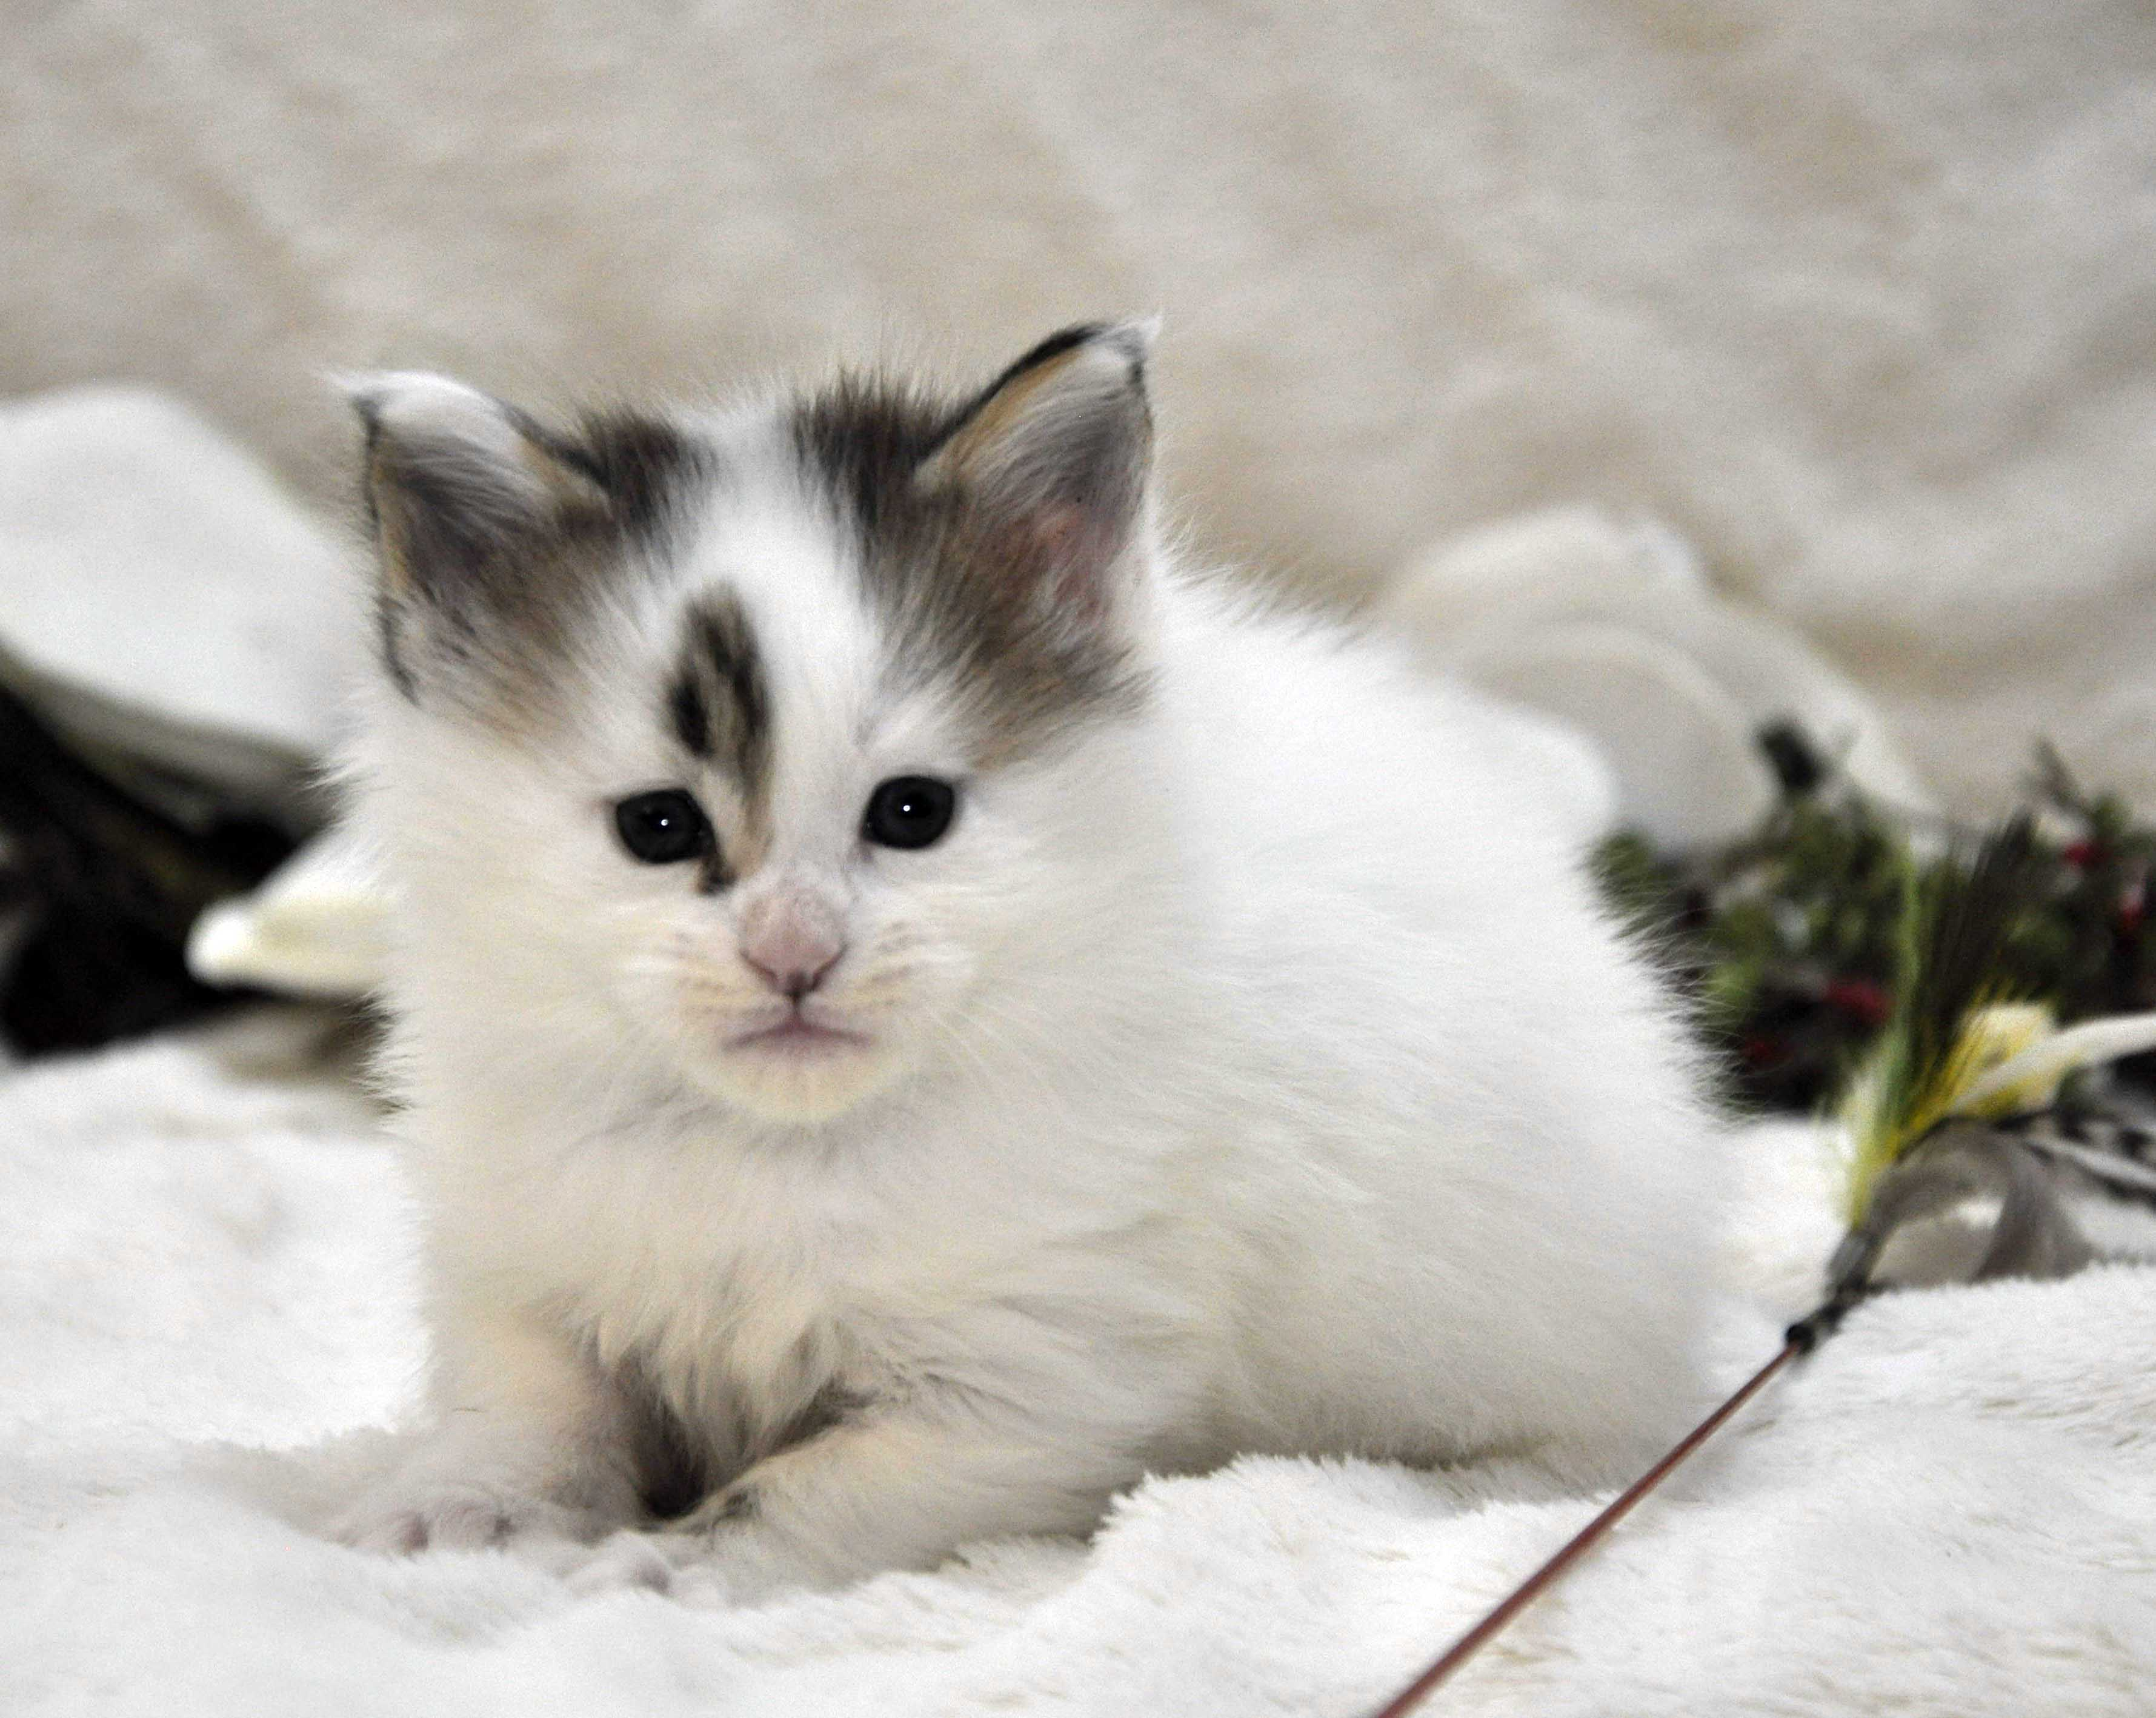 Кот Мейн Кун 1 (male) Eyktan TYSON 110418 фото 11